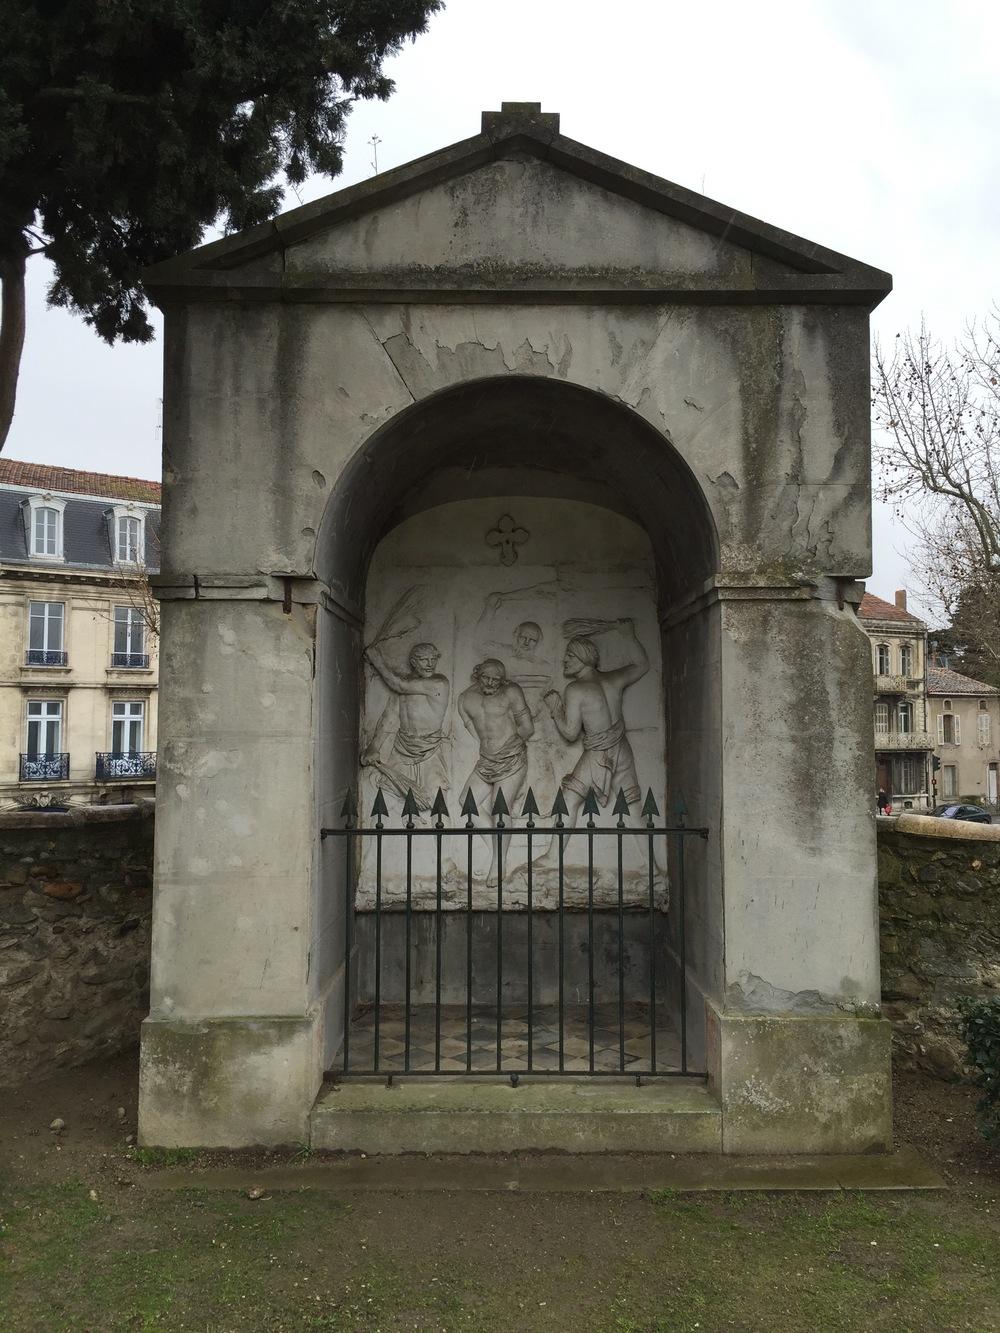 Le-Jardin-du-Calvaire-Carcassonne-jessewaugh.com-13.jpg